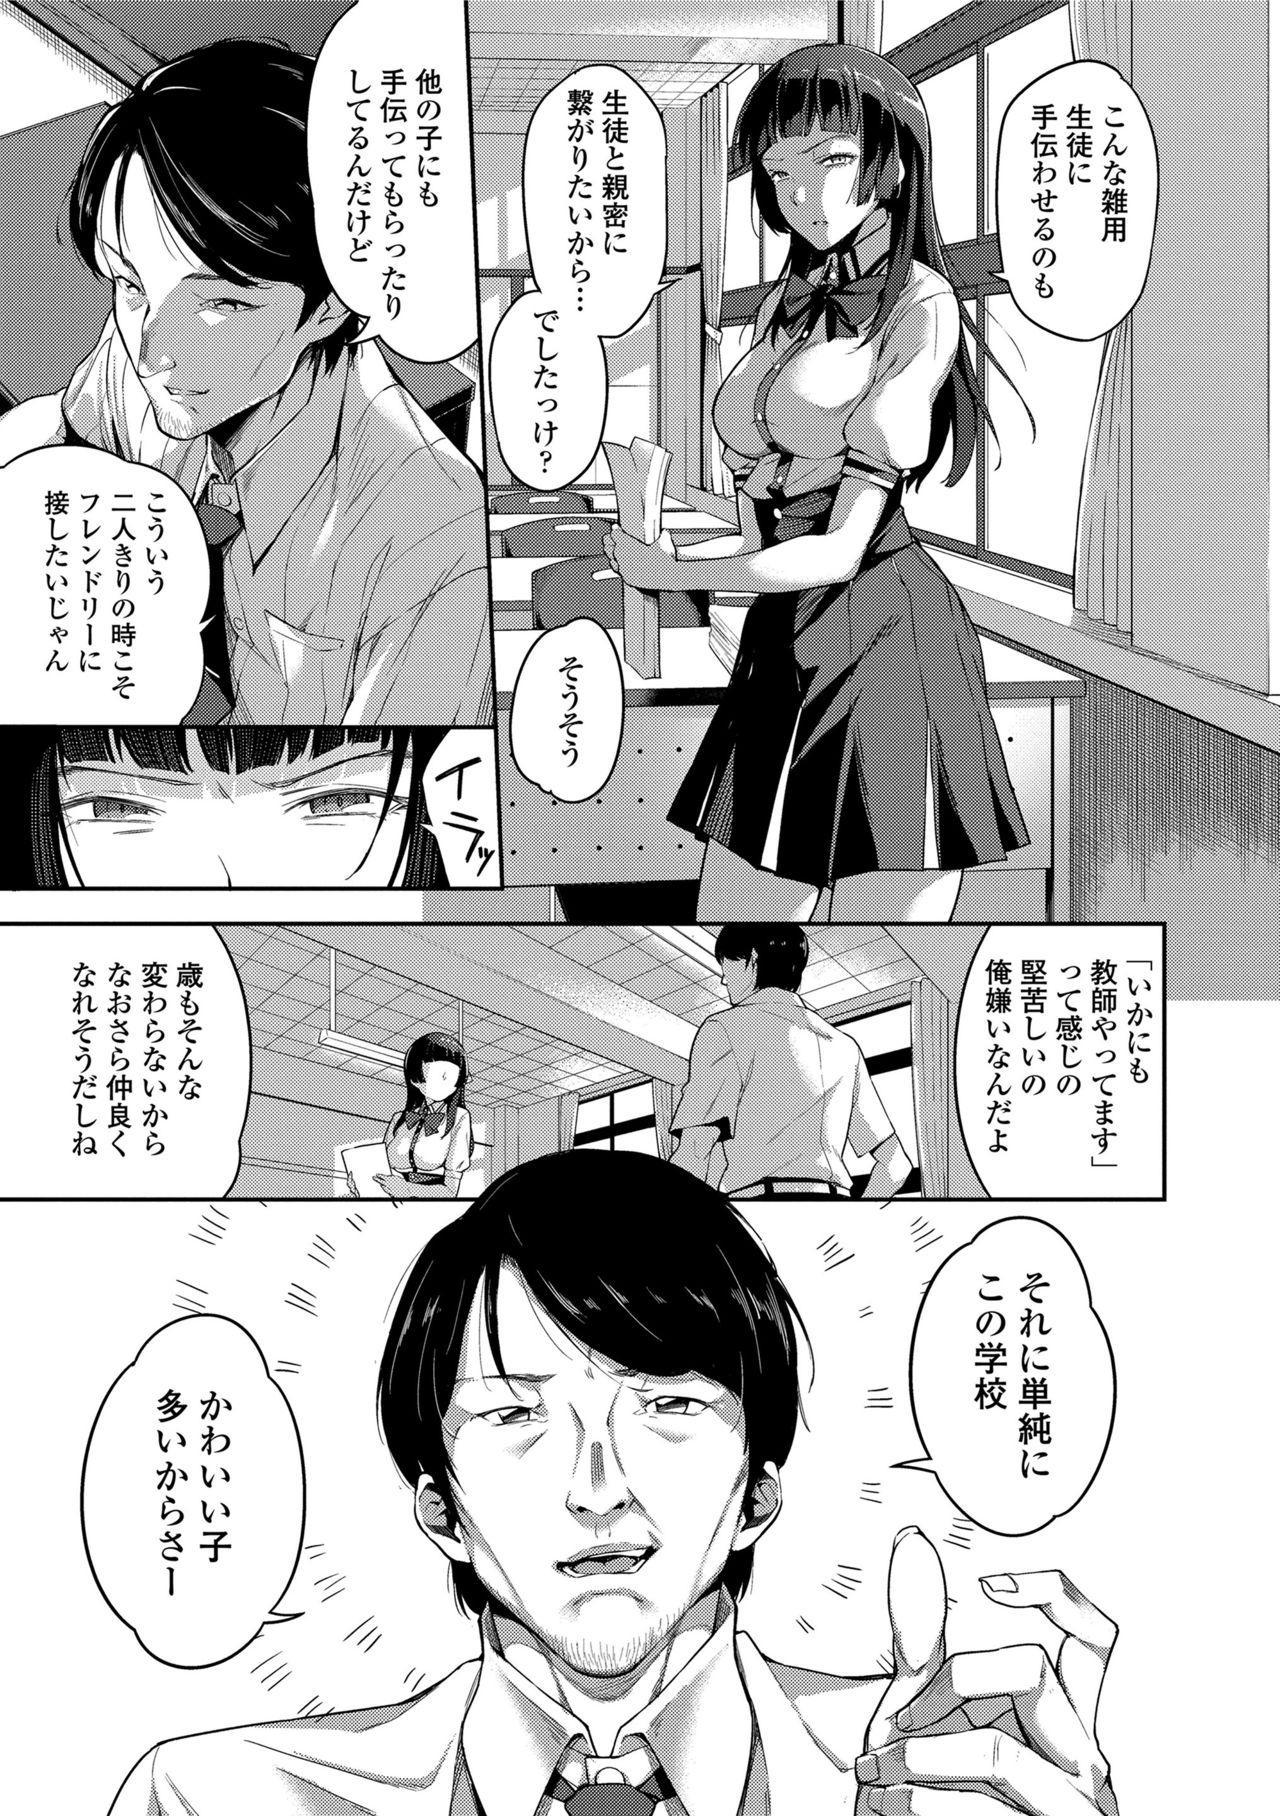 Ai ga Nakutemo Ecchi wa Dekiru! - Even if There is No Love You Can H! 44